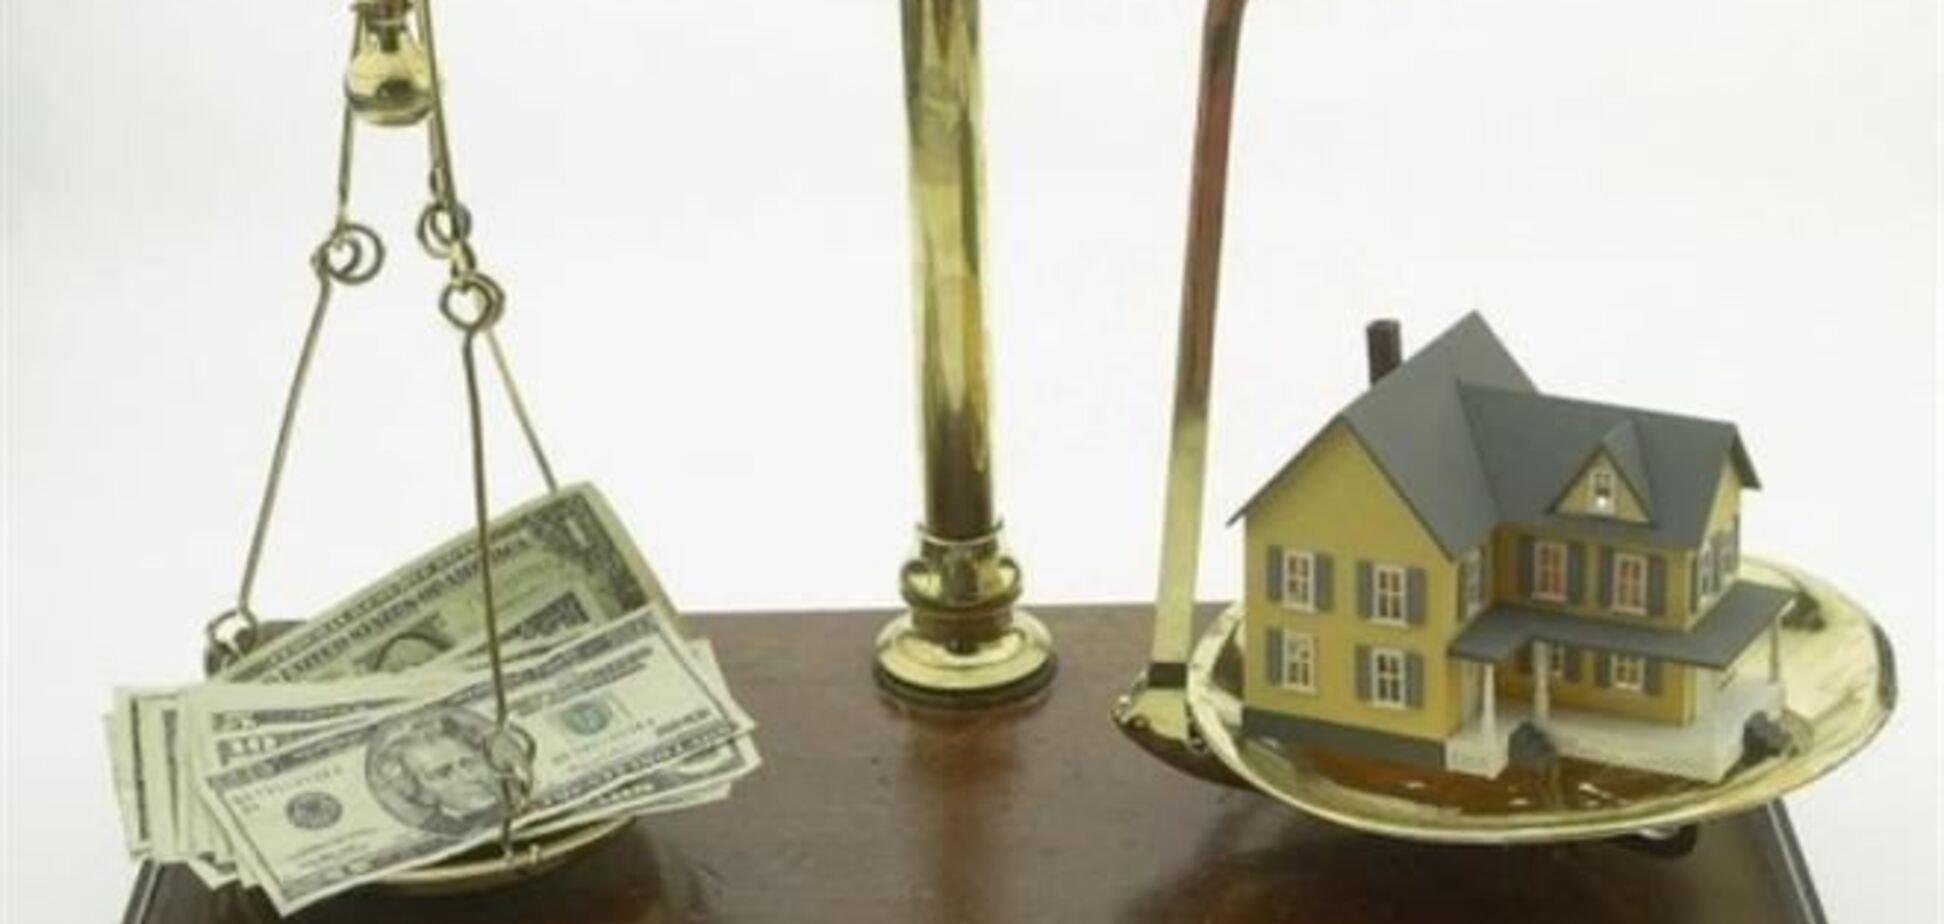 Оценка недвижимости по новым правилам подешевела в несколько раз